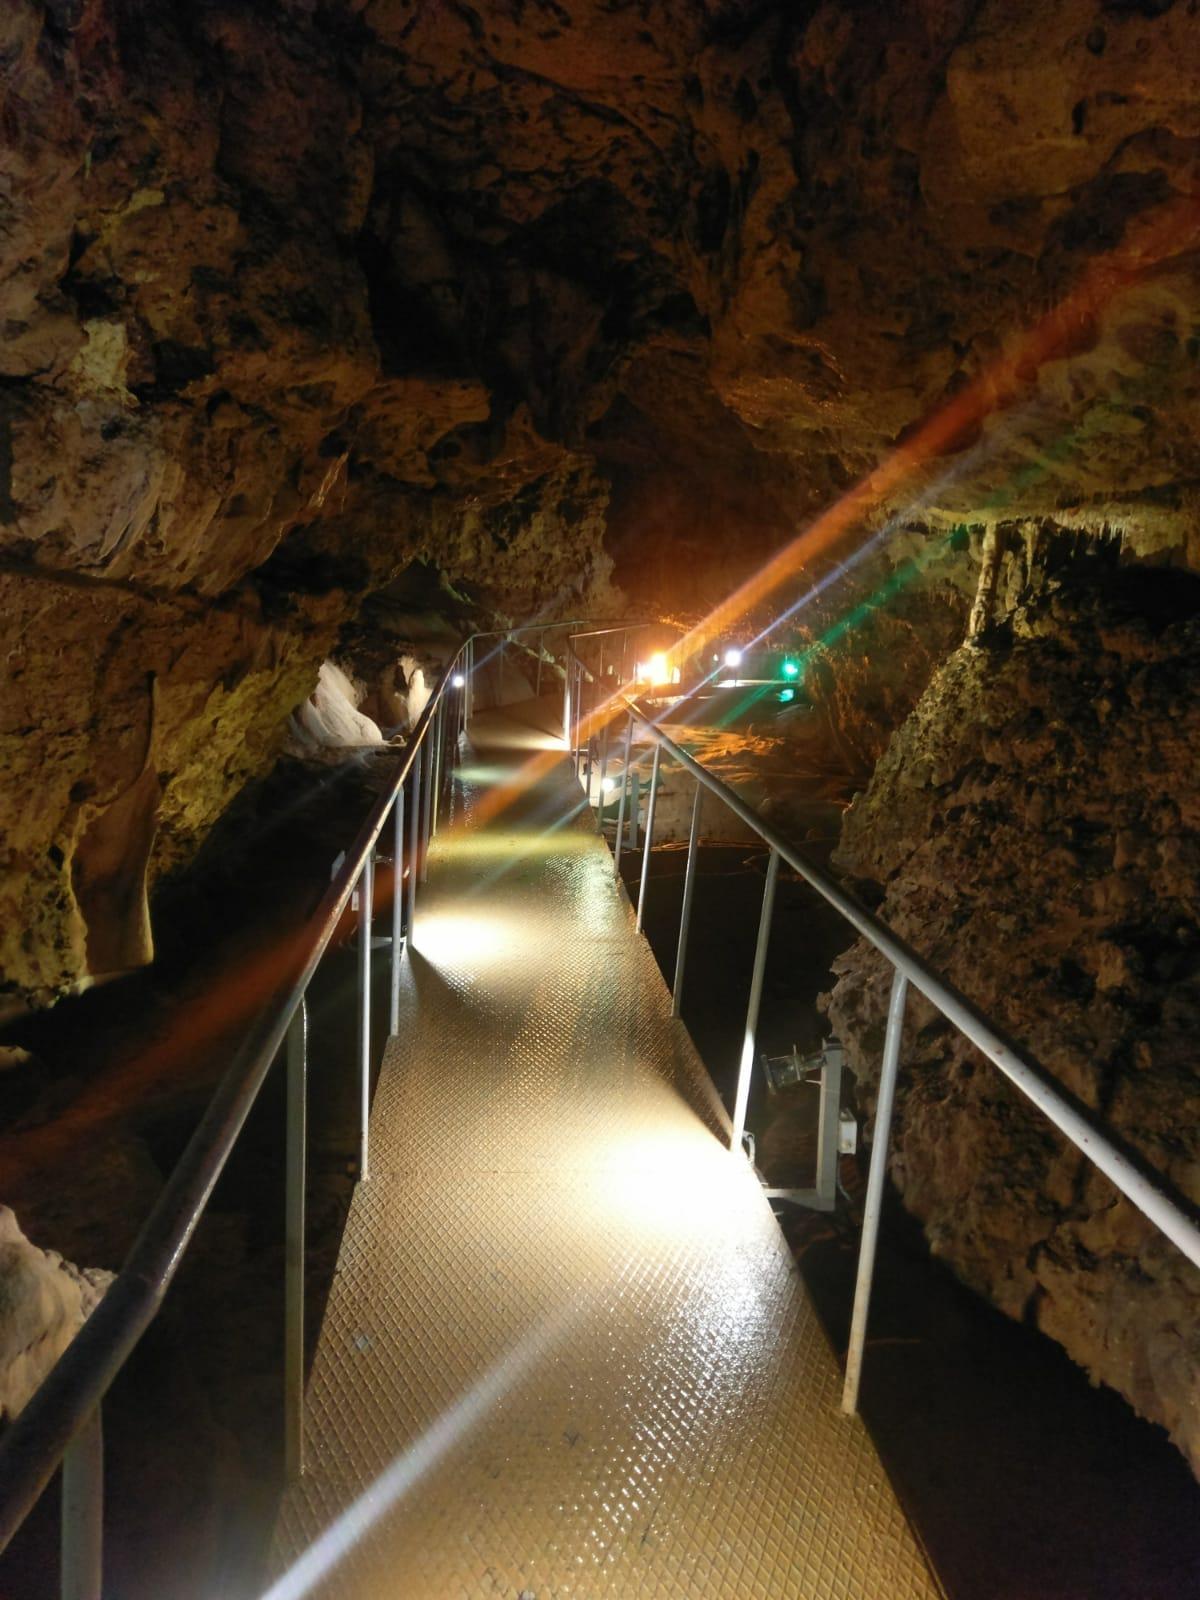 Kültürel Mirasımız İncesu Mağarasının Aydınlatma Sistemi Yenilendi